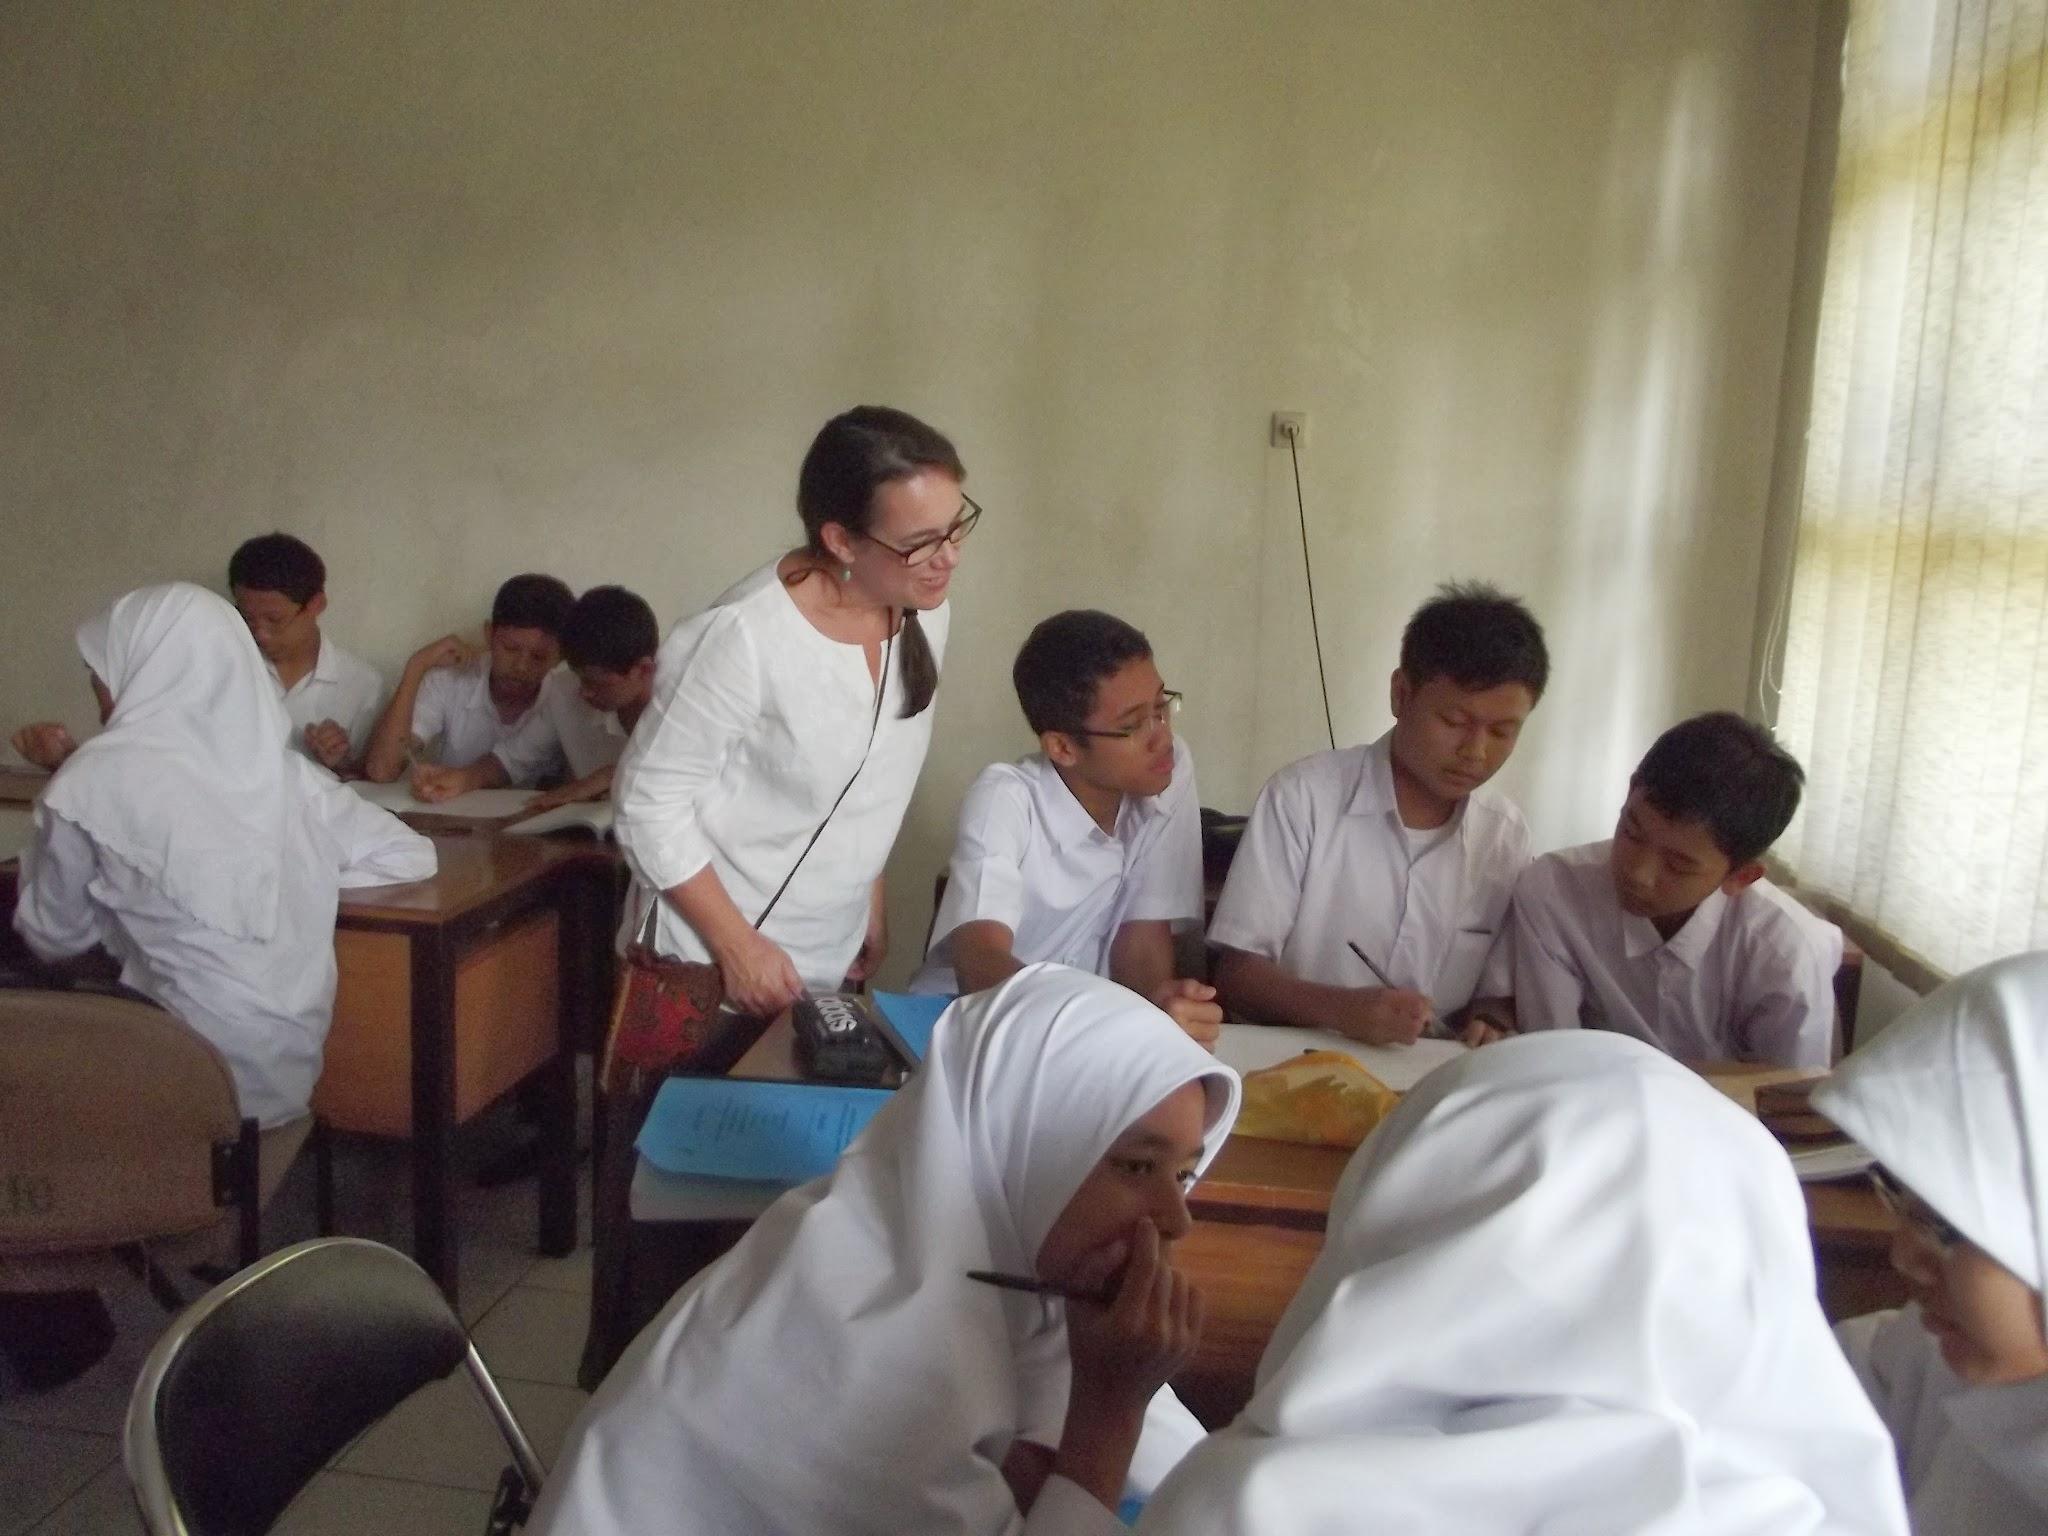 Indonesian school